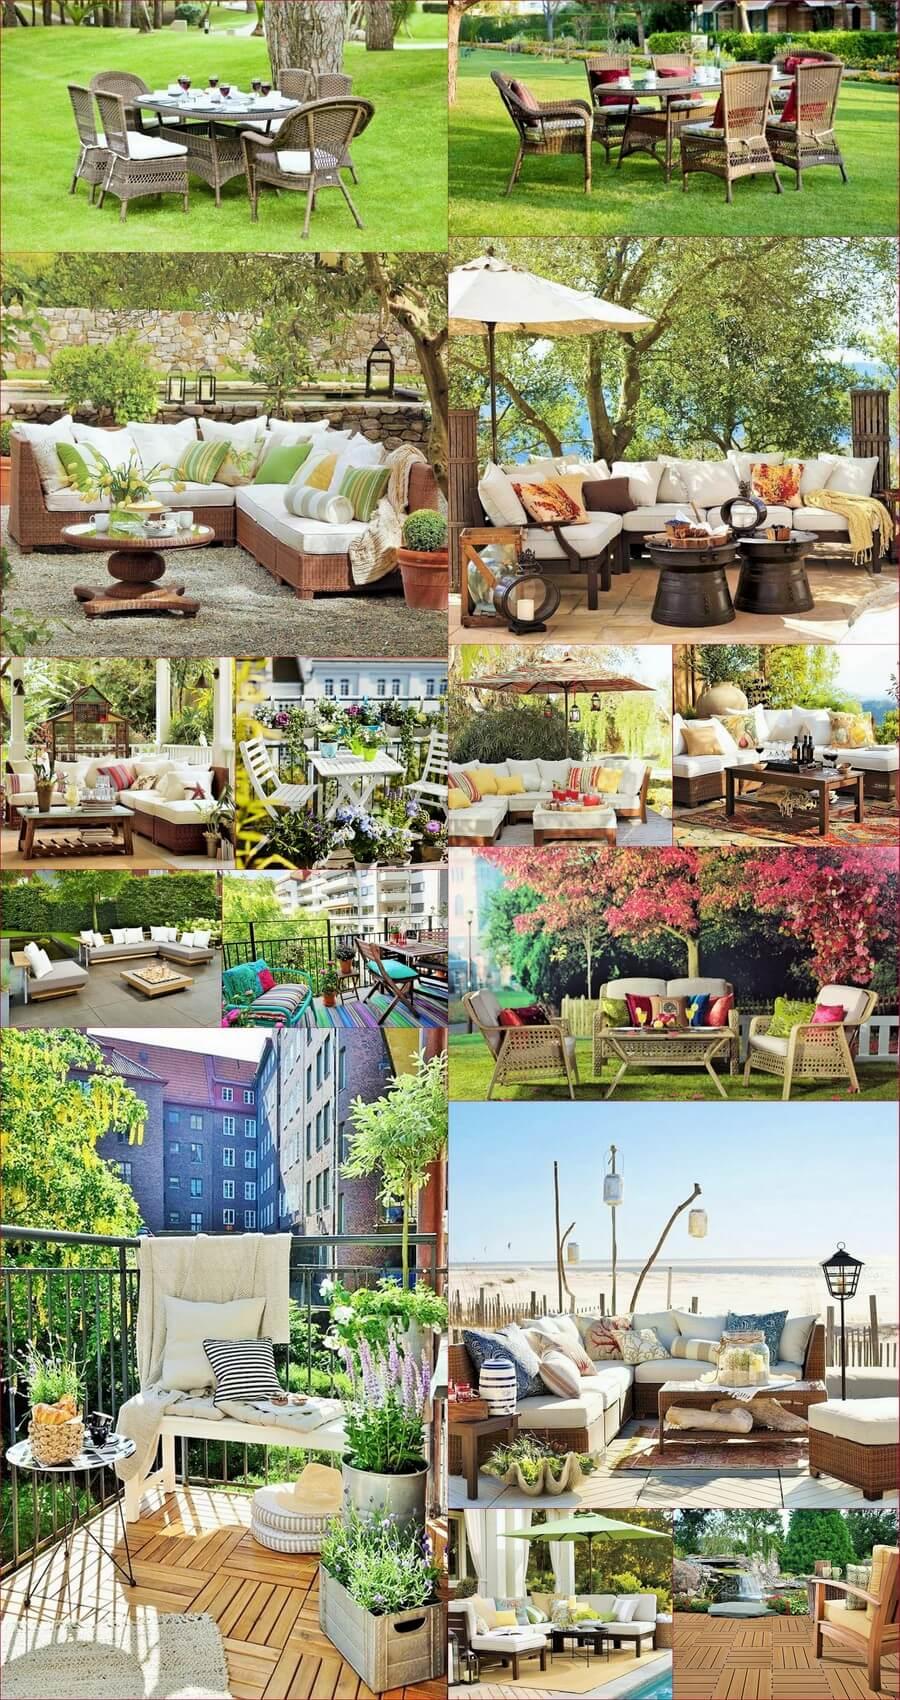 Home Decor-Garden- Furniture